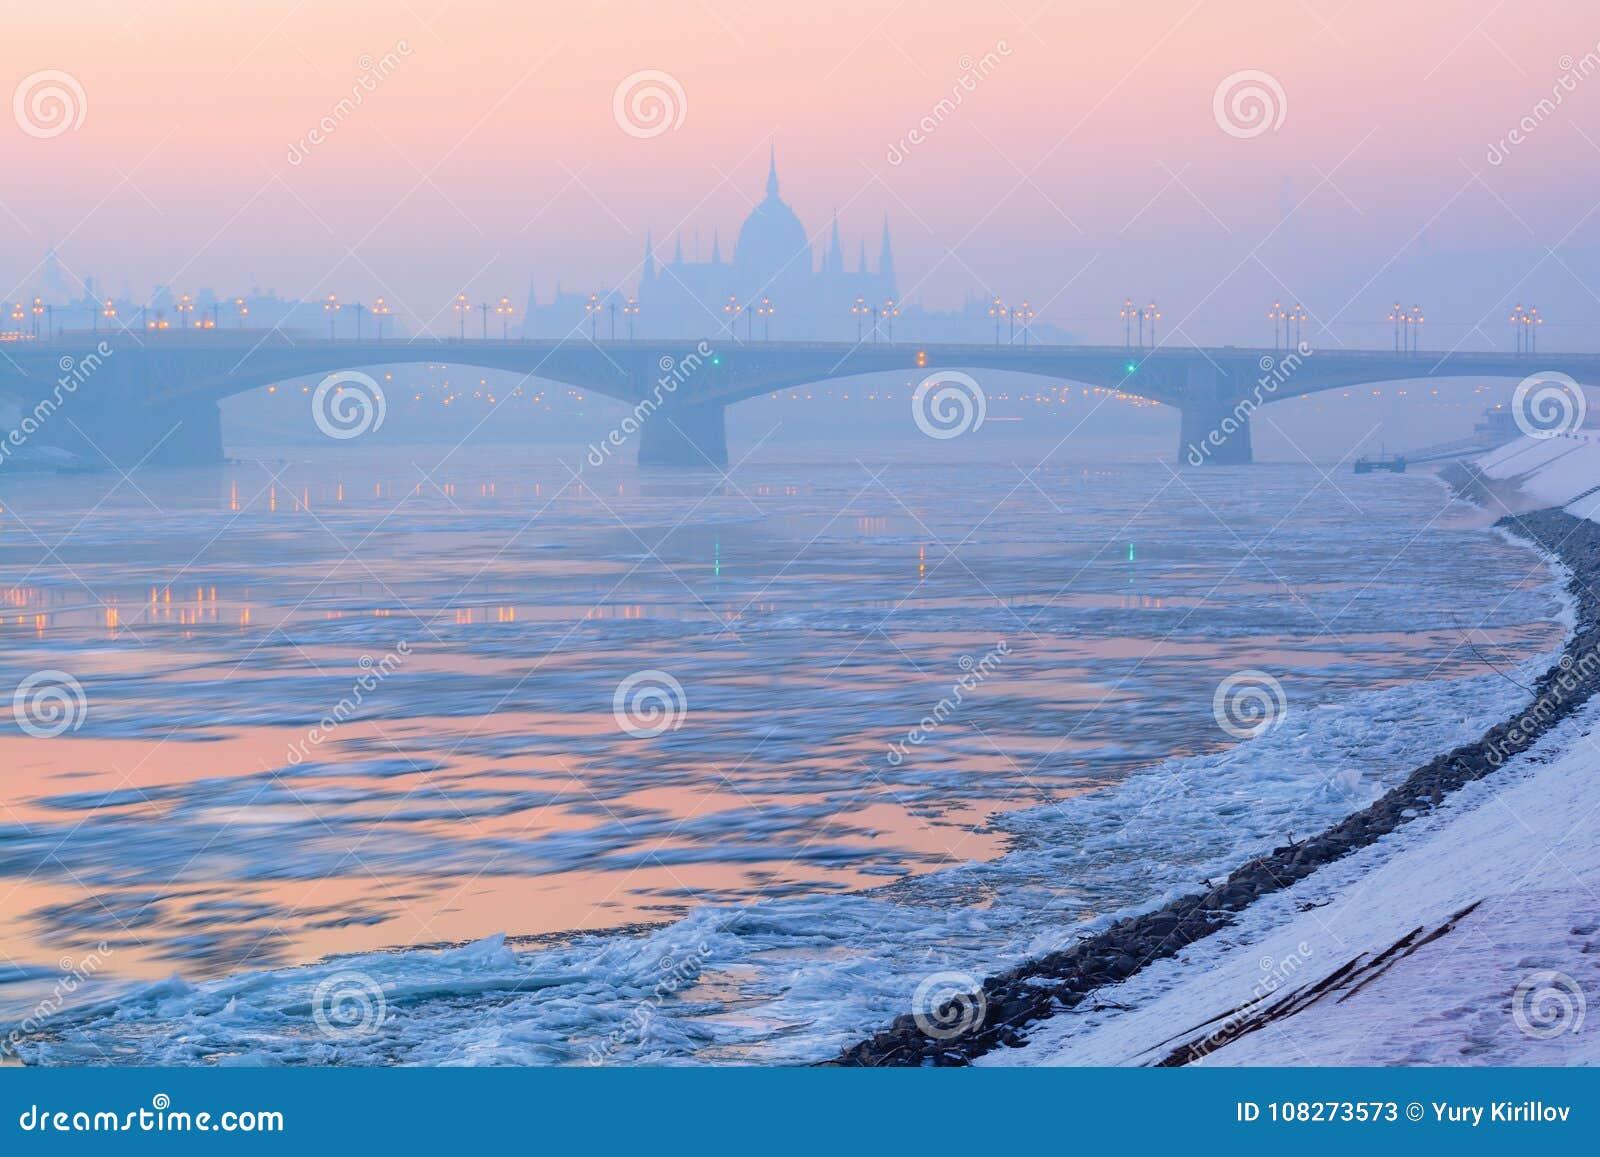 Ποταμός, επιπλέοντες πάγοι, γέφυρα της Margaret, περίληψη του Κοινοβουλίου το χειμώνα, Βουδαπέστη